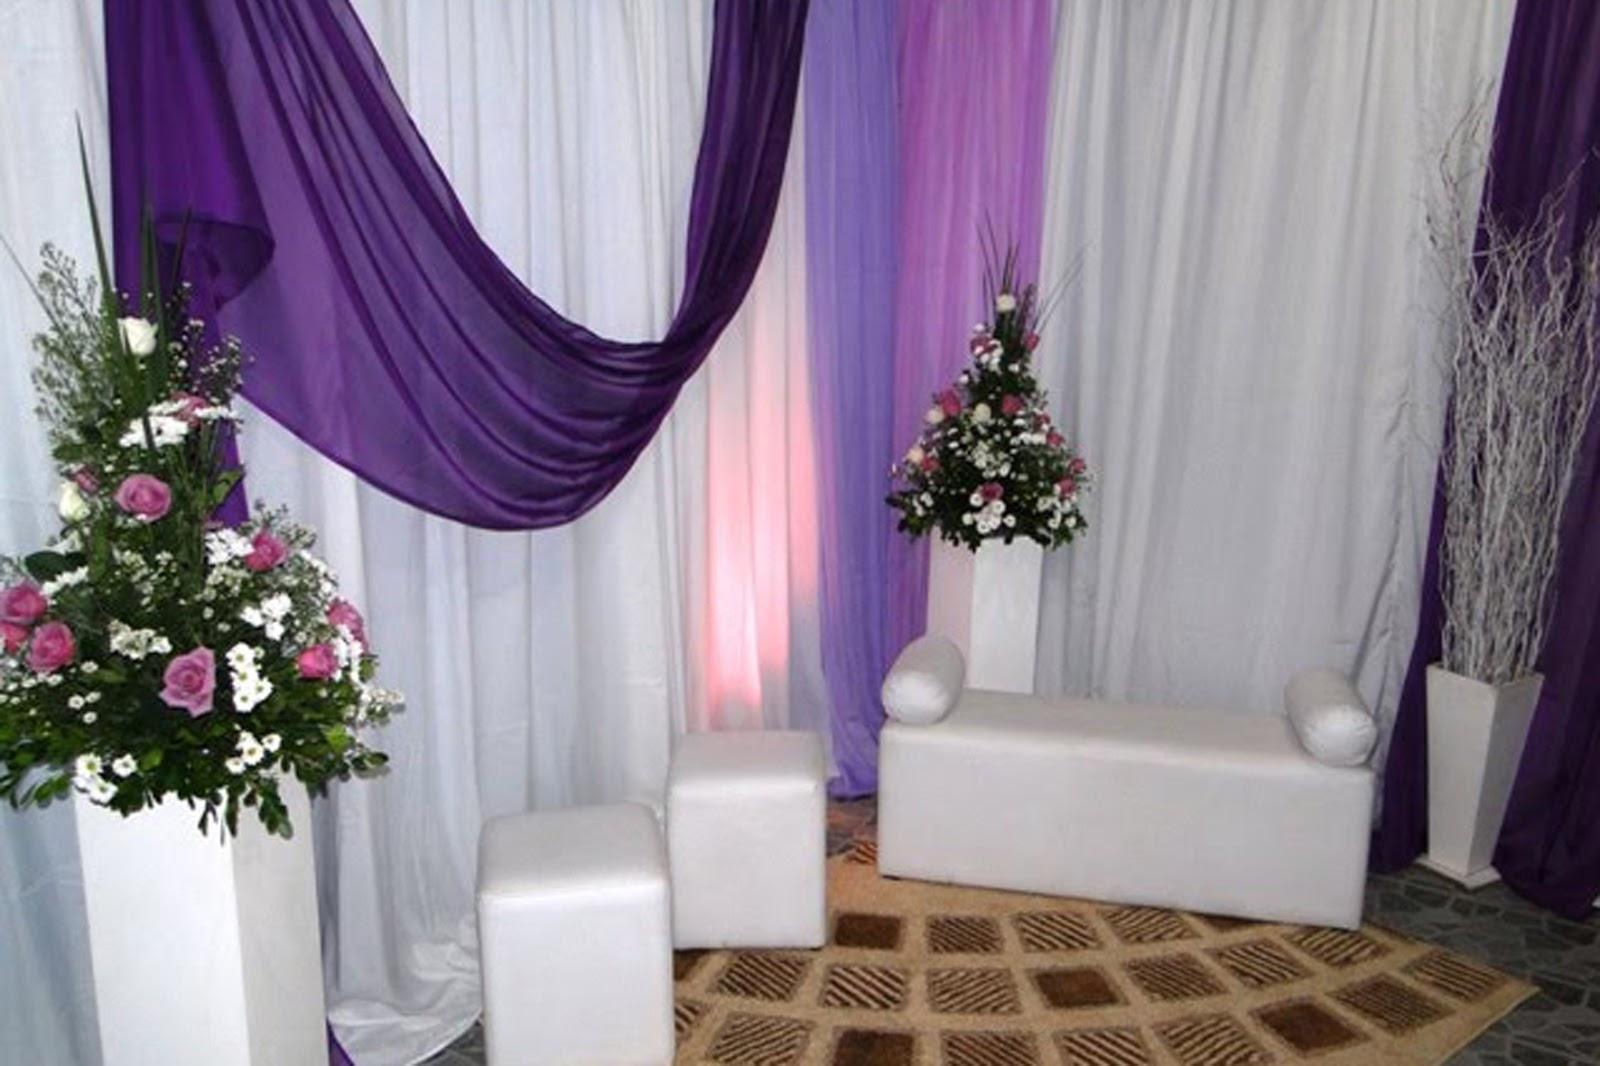 Eventos Joinville Decoração para festas e eventos em Joinville (47